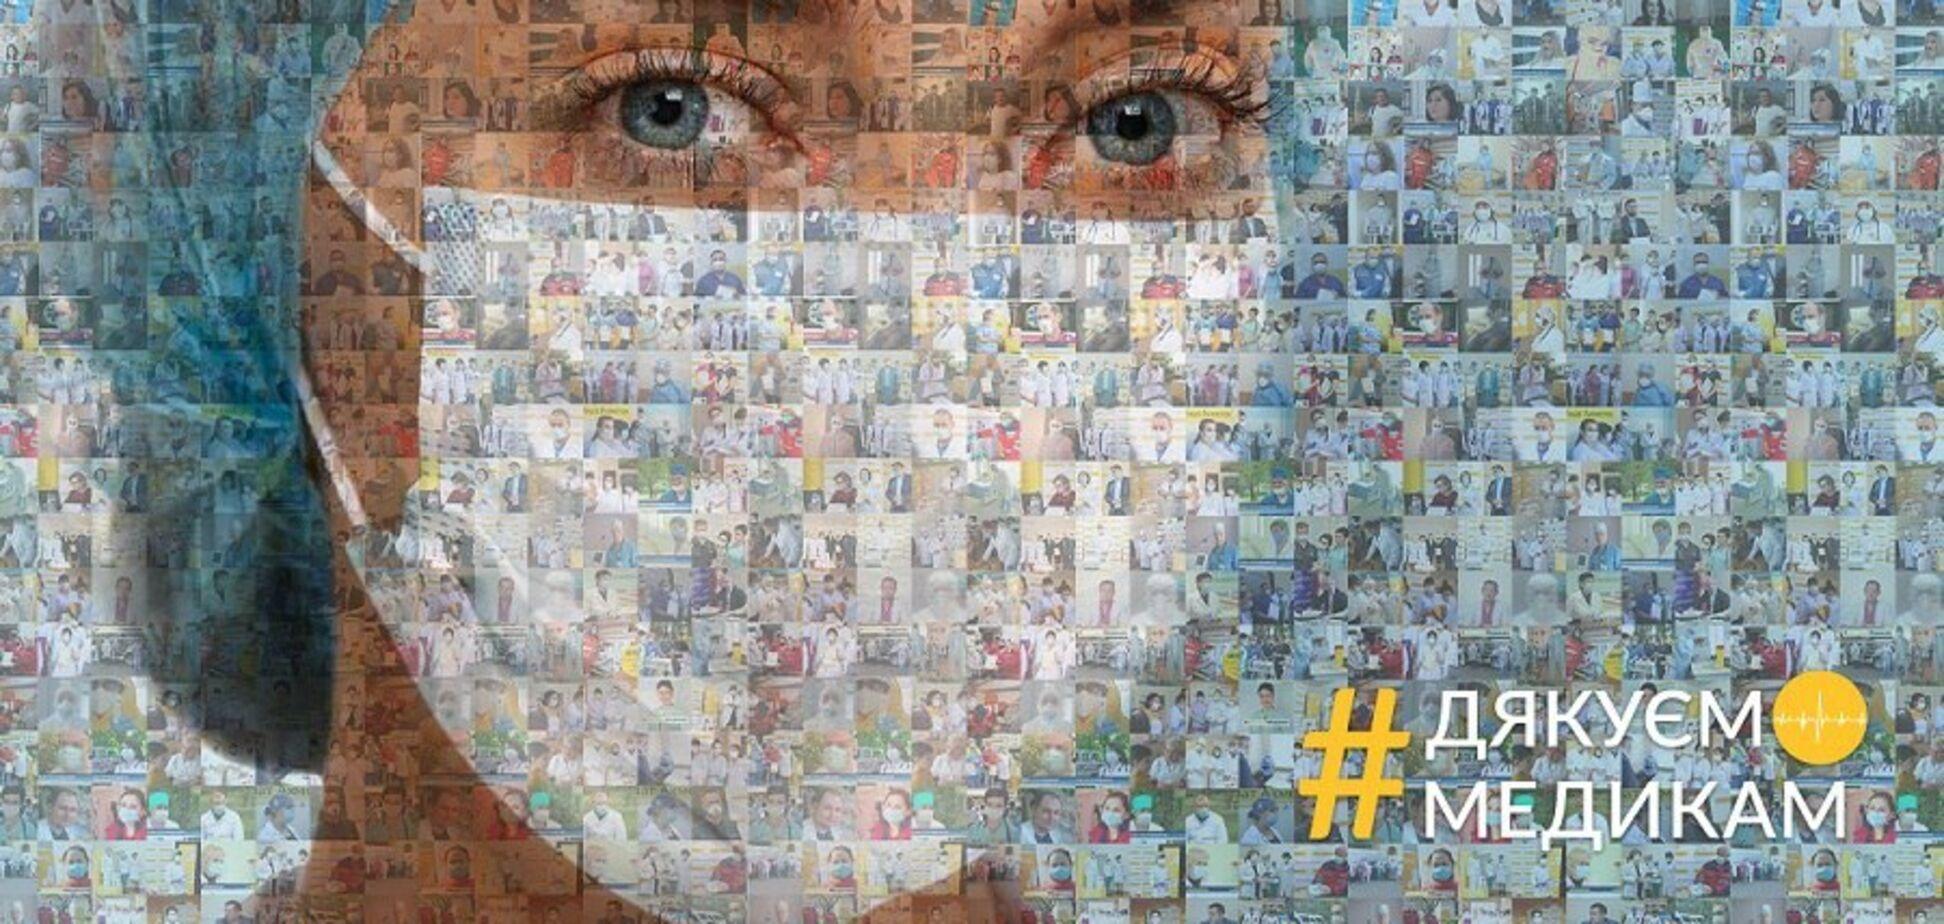 Фонд Рината Ахметова запустил национальную кампанию о тех, кто спасает жизни больных COVID-19